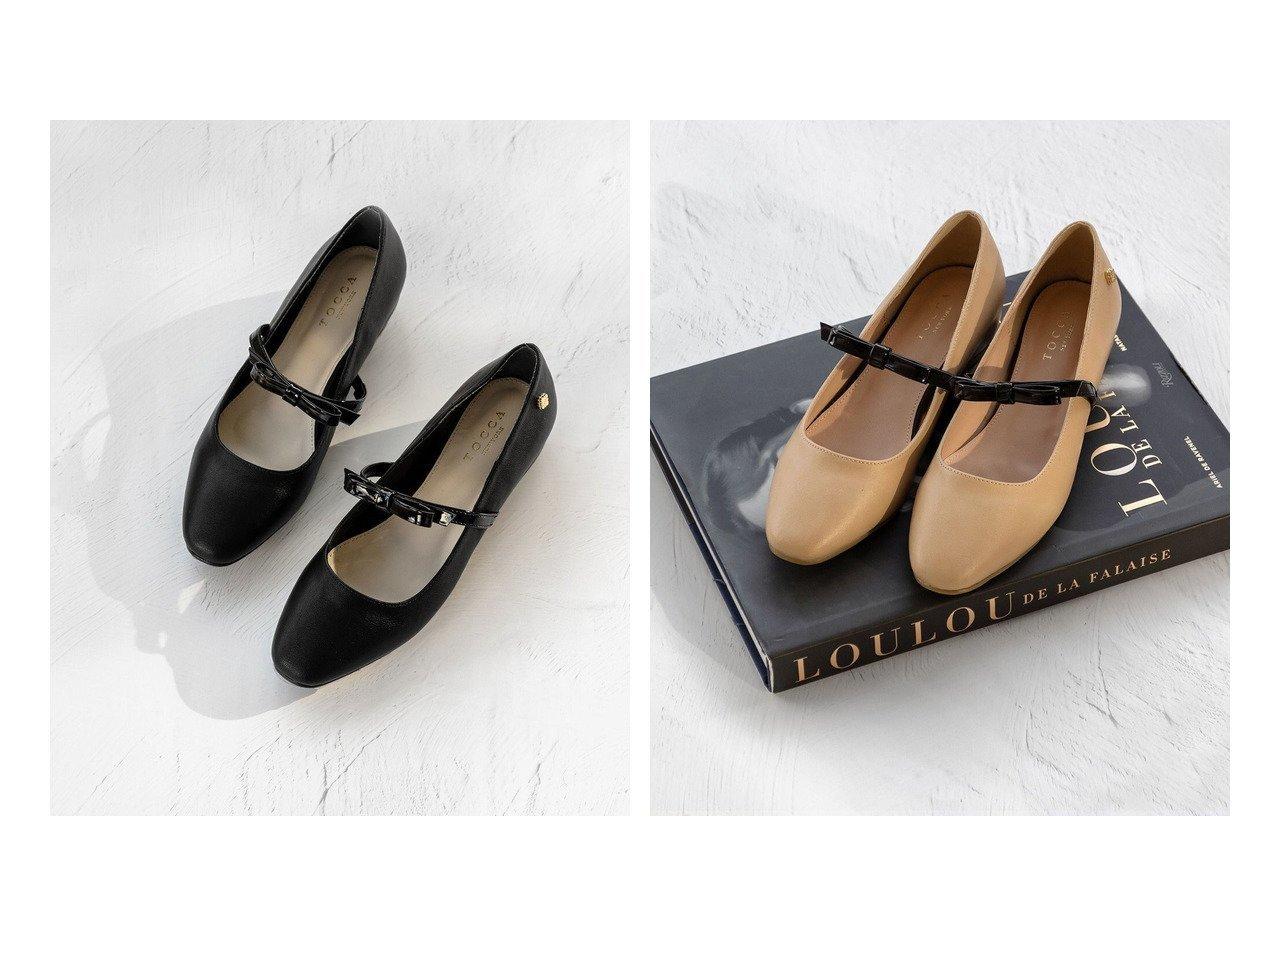 【TOCCA/トッカ】のTINYRIBBON INHEEL FLAT インヒールフラットシューズ 【シューズ・靴】おすすめ!人気トレンド・レディースファッション通販 おすすめで人気の流行・トレンド、ファッションの通販商品 インテリア・家具・メンズファッション・キッズファッション・レディースファッション・服の通販 founy(ファニー) https://founy.com/ ファッション Fashion レディースファッション WOMEN 送料無料 Free Shipping 2021年 2021 2021春夏・S/S SS/Spring/Summer/2021 S/S・春夏 SS・Spring/Summer クッション シューズ シンプル フラット ラップ リボン リラックス 再入荷 Restock/Back in Stock/Re Arrival 夏 Summer  ID:crp329100000046893